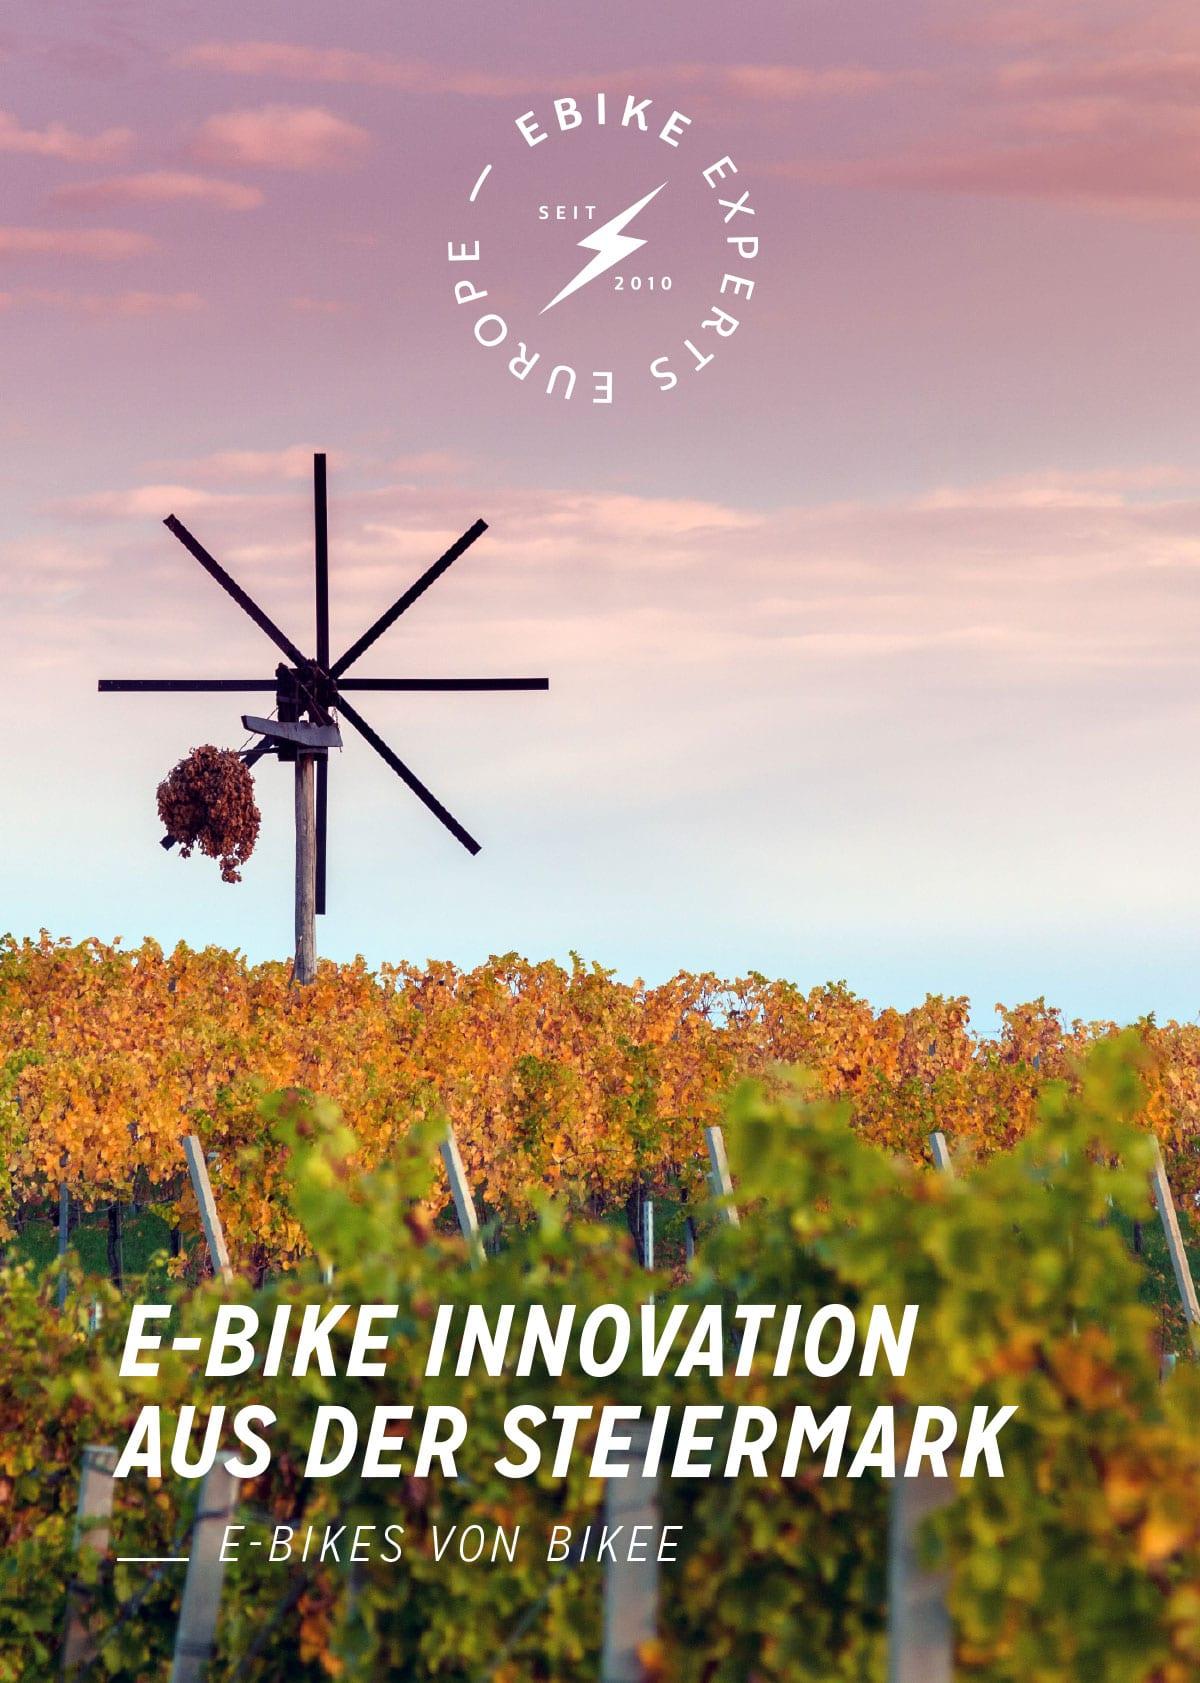 Geero – E-Bikes von bikee Österreich